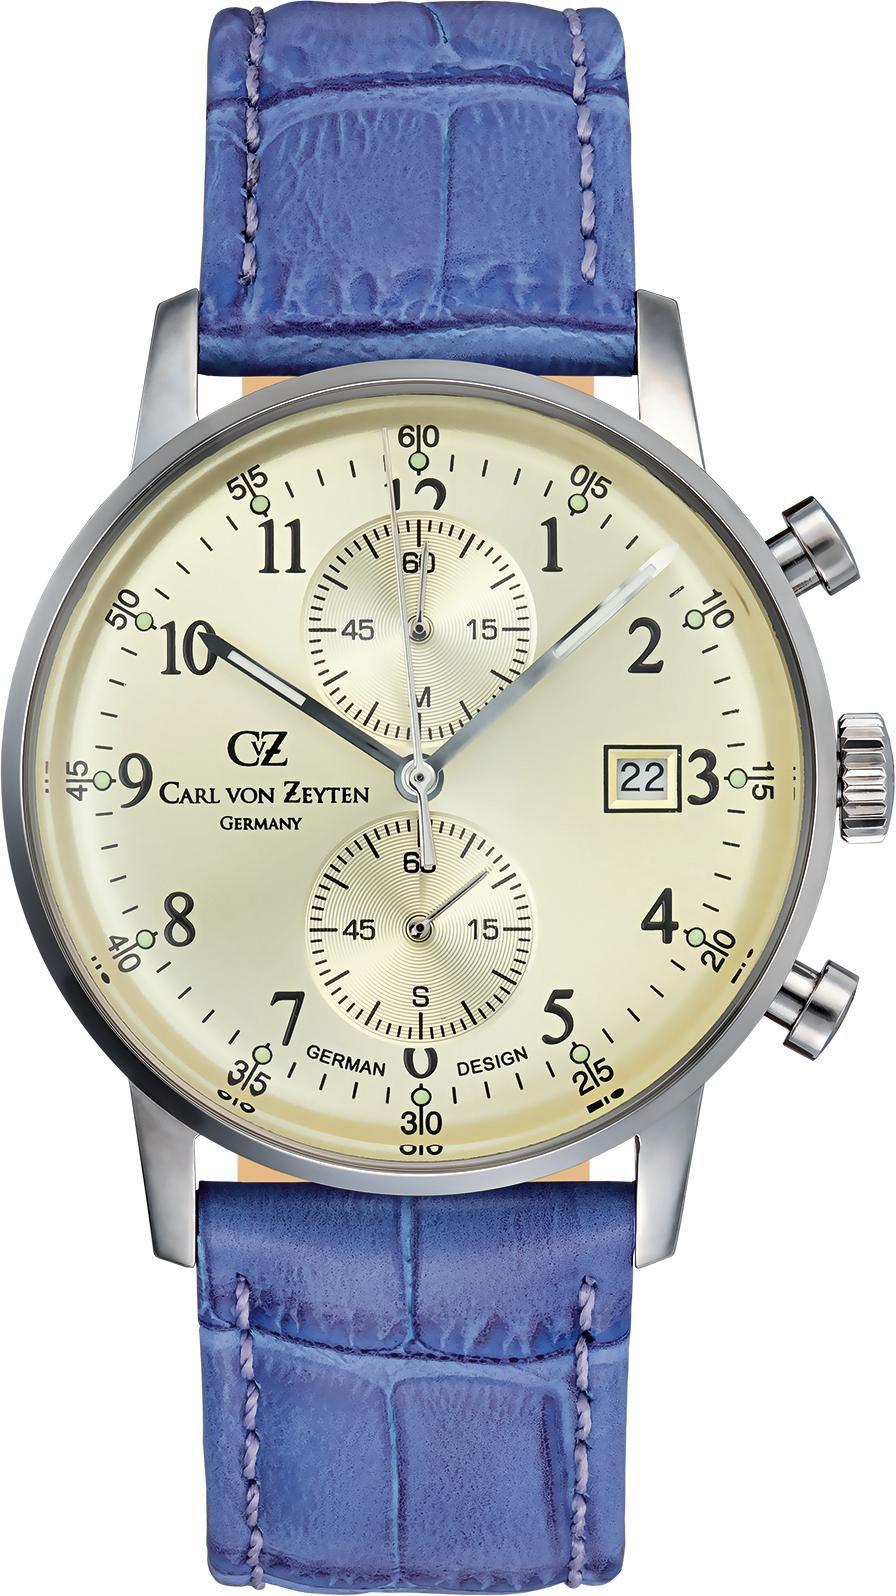 CARL VON ZEYTEN Carl von Zeyten Chronograph »Todtnau CVZ0012CHBR«